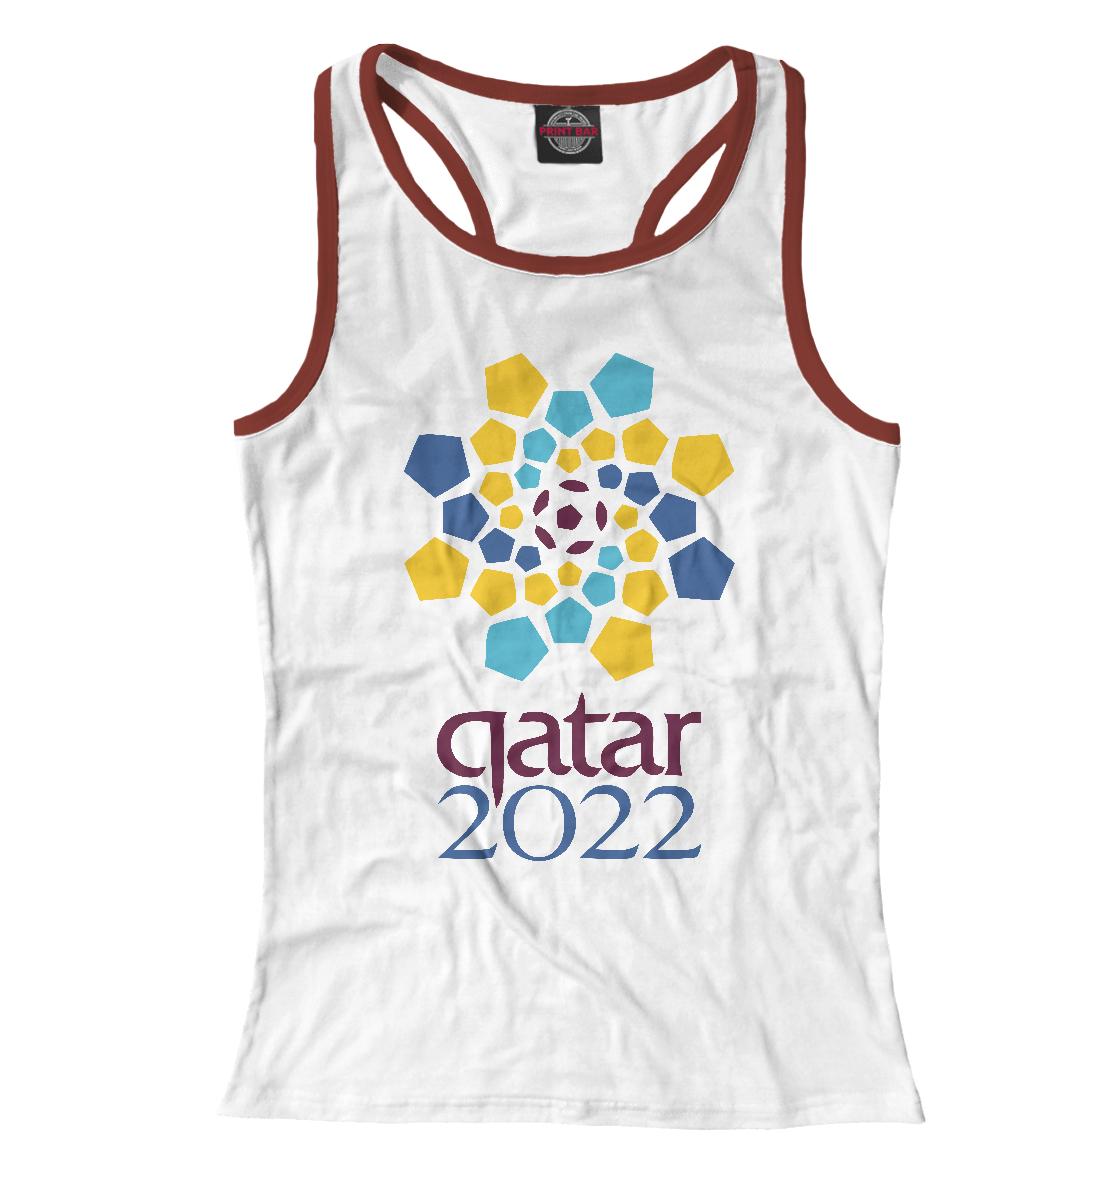 Купить Катар 2022, Printbar, Майки борцовки, RZN-949968-mayb-1